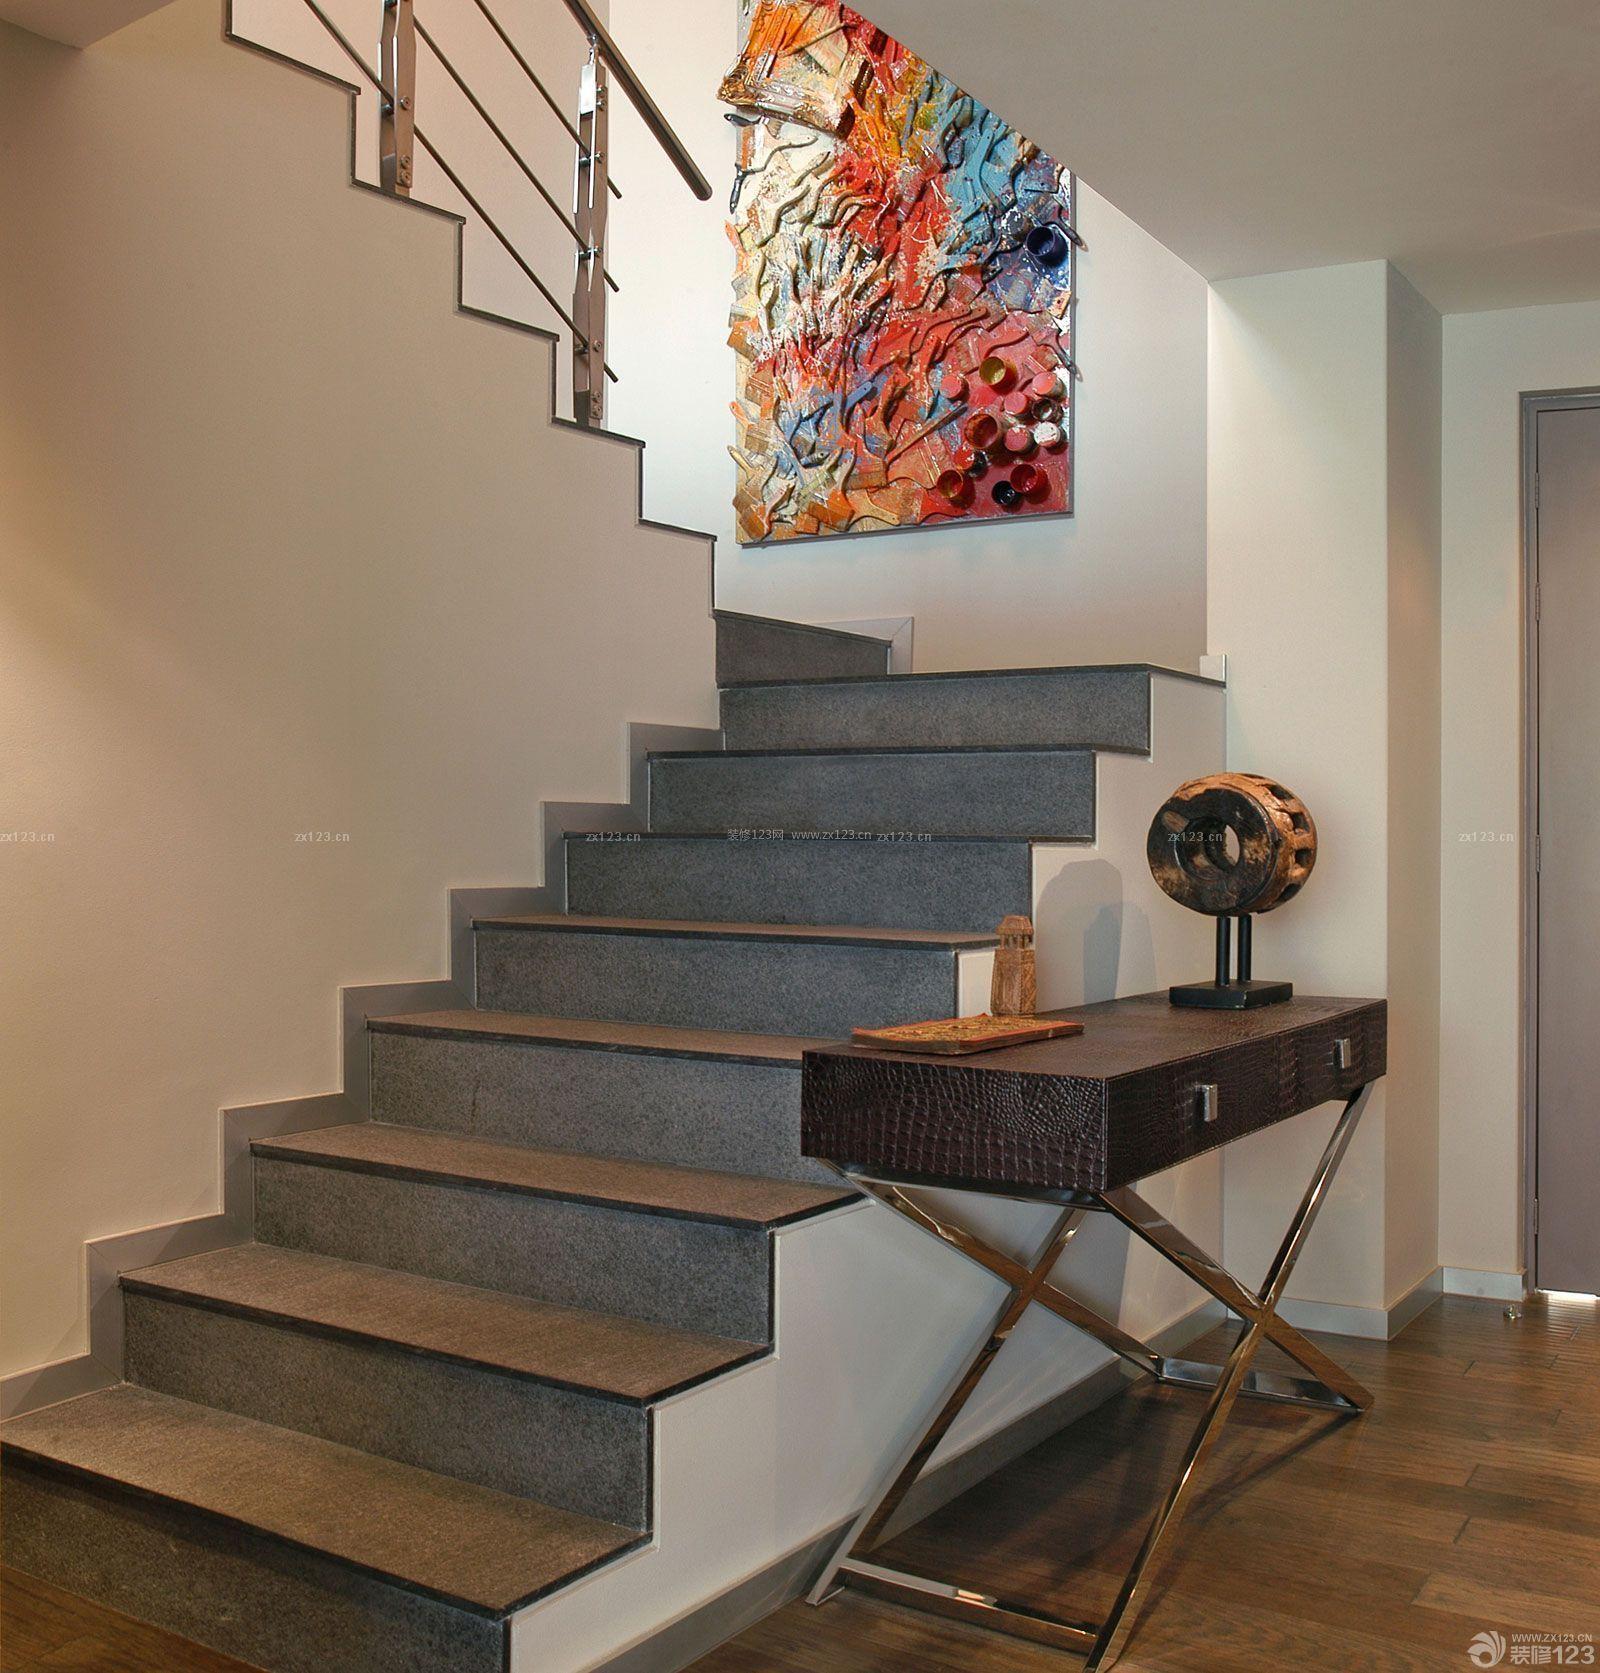 80平小复式房屋楼梯设计装修效果图